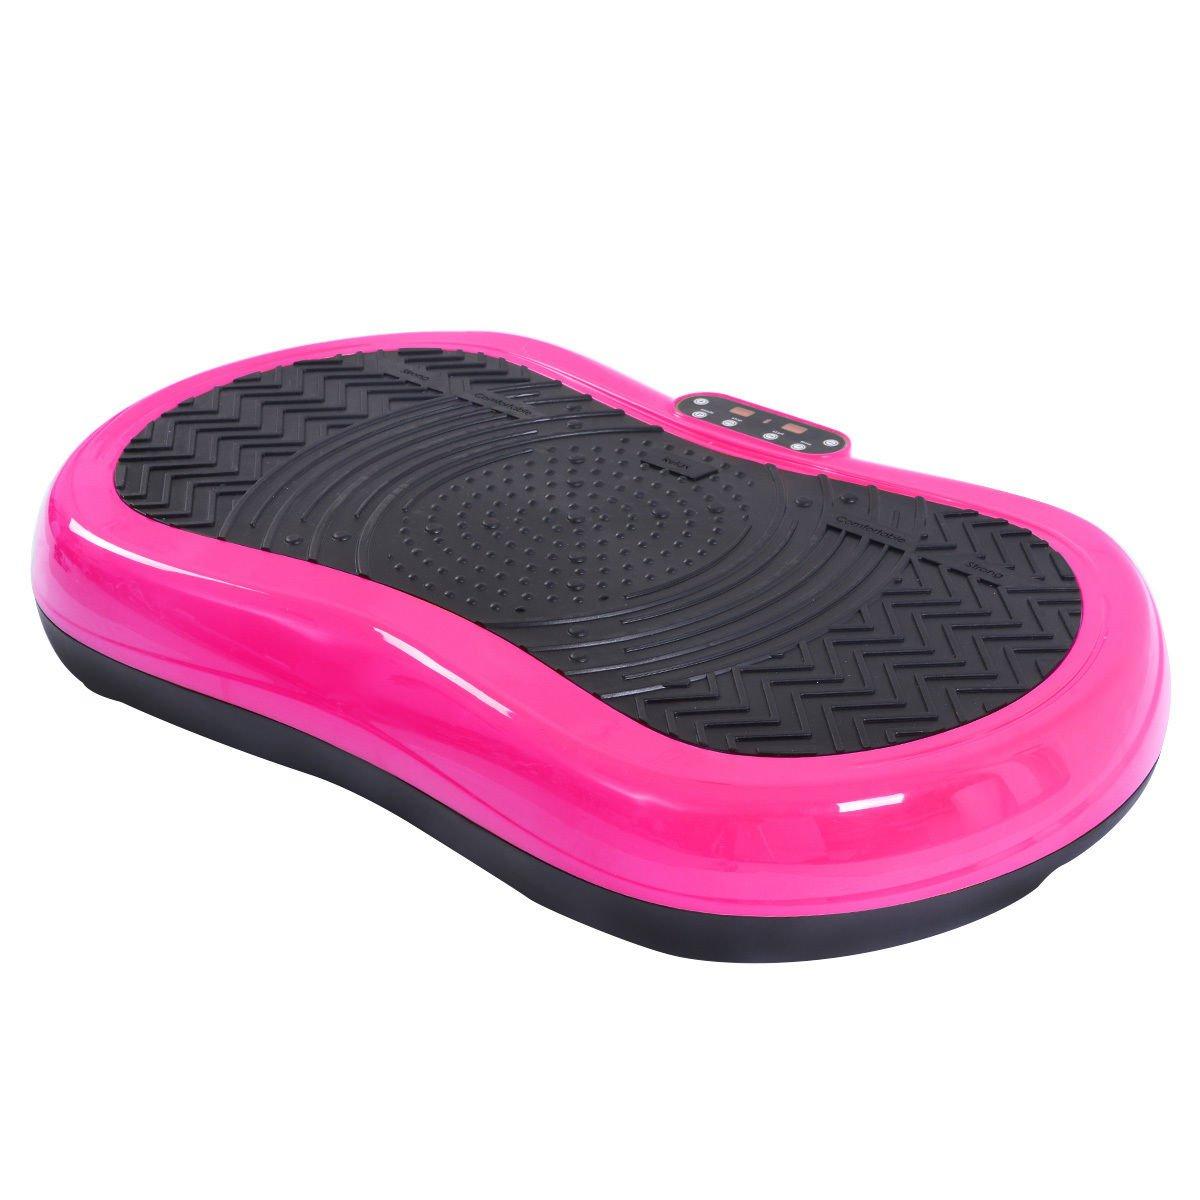 Tangkula Ultrathin Mini Crazy Fit Vibration Platform Massage Machine Fitness Gym (Pink) by Tangkula (Image #4)